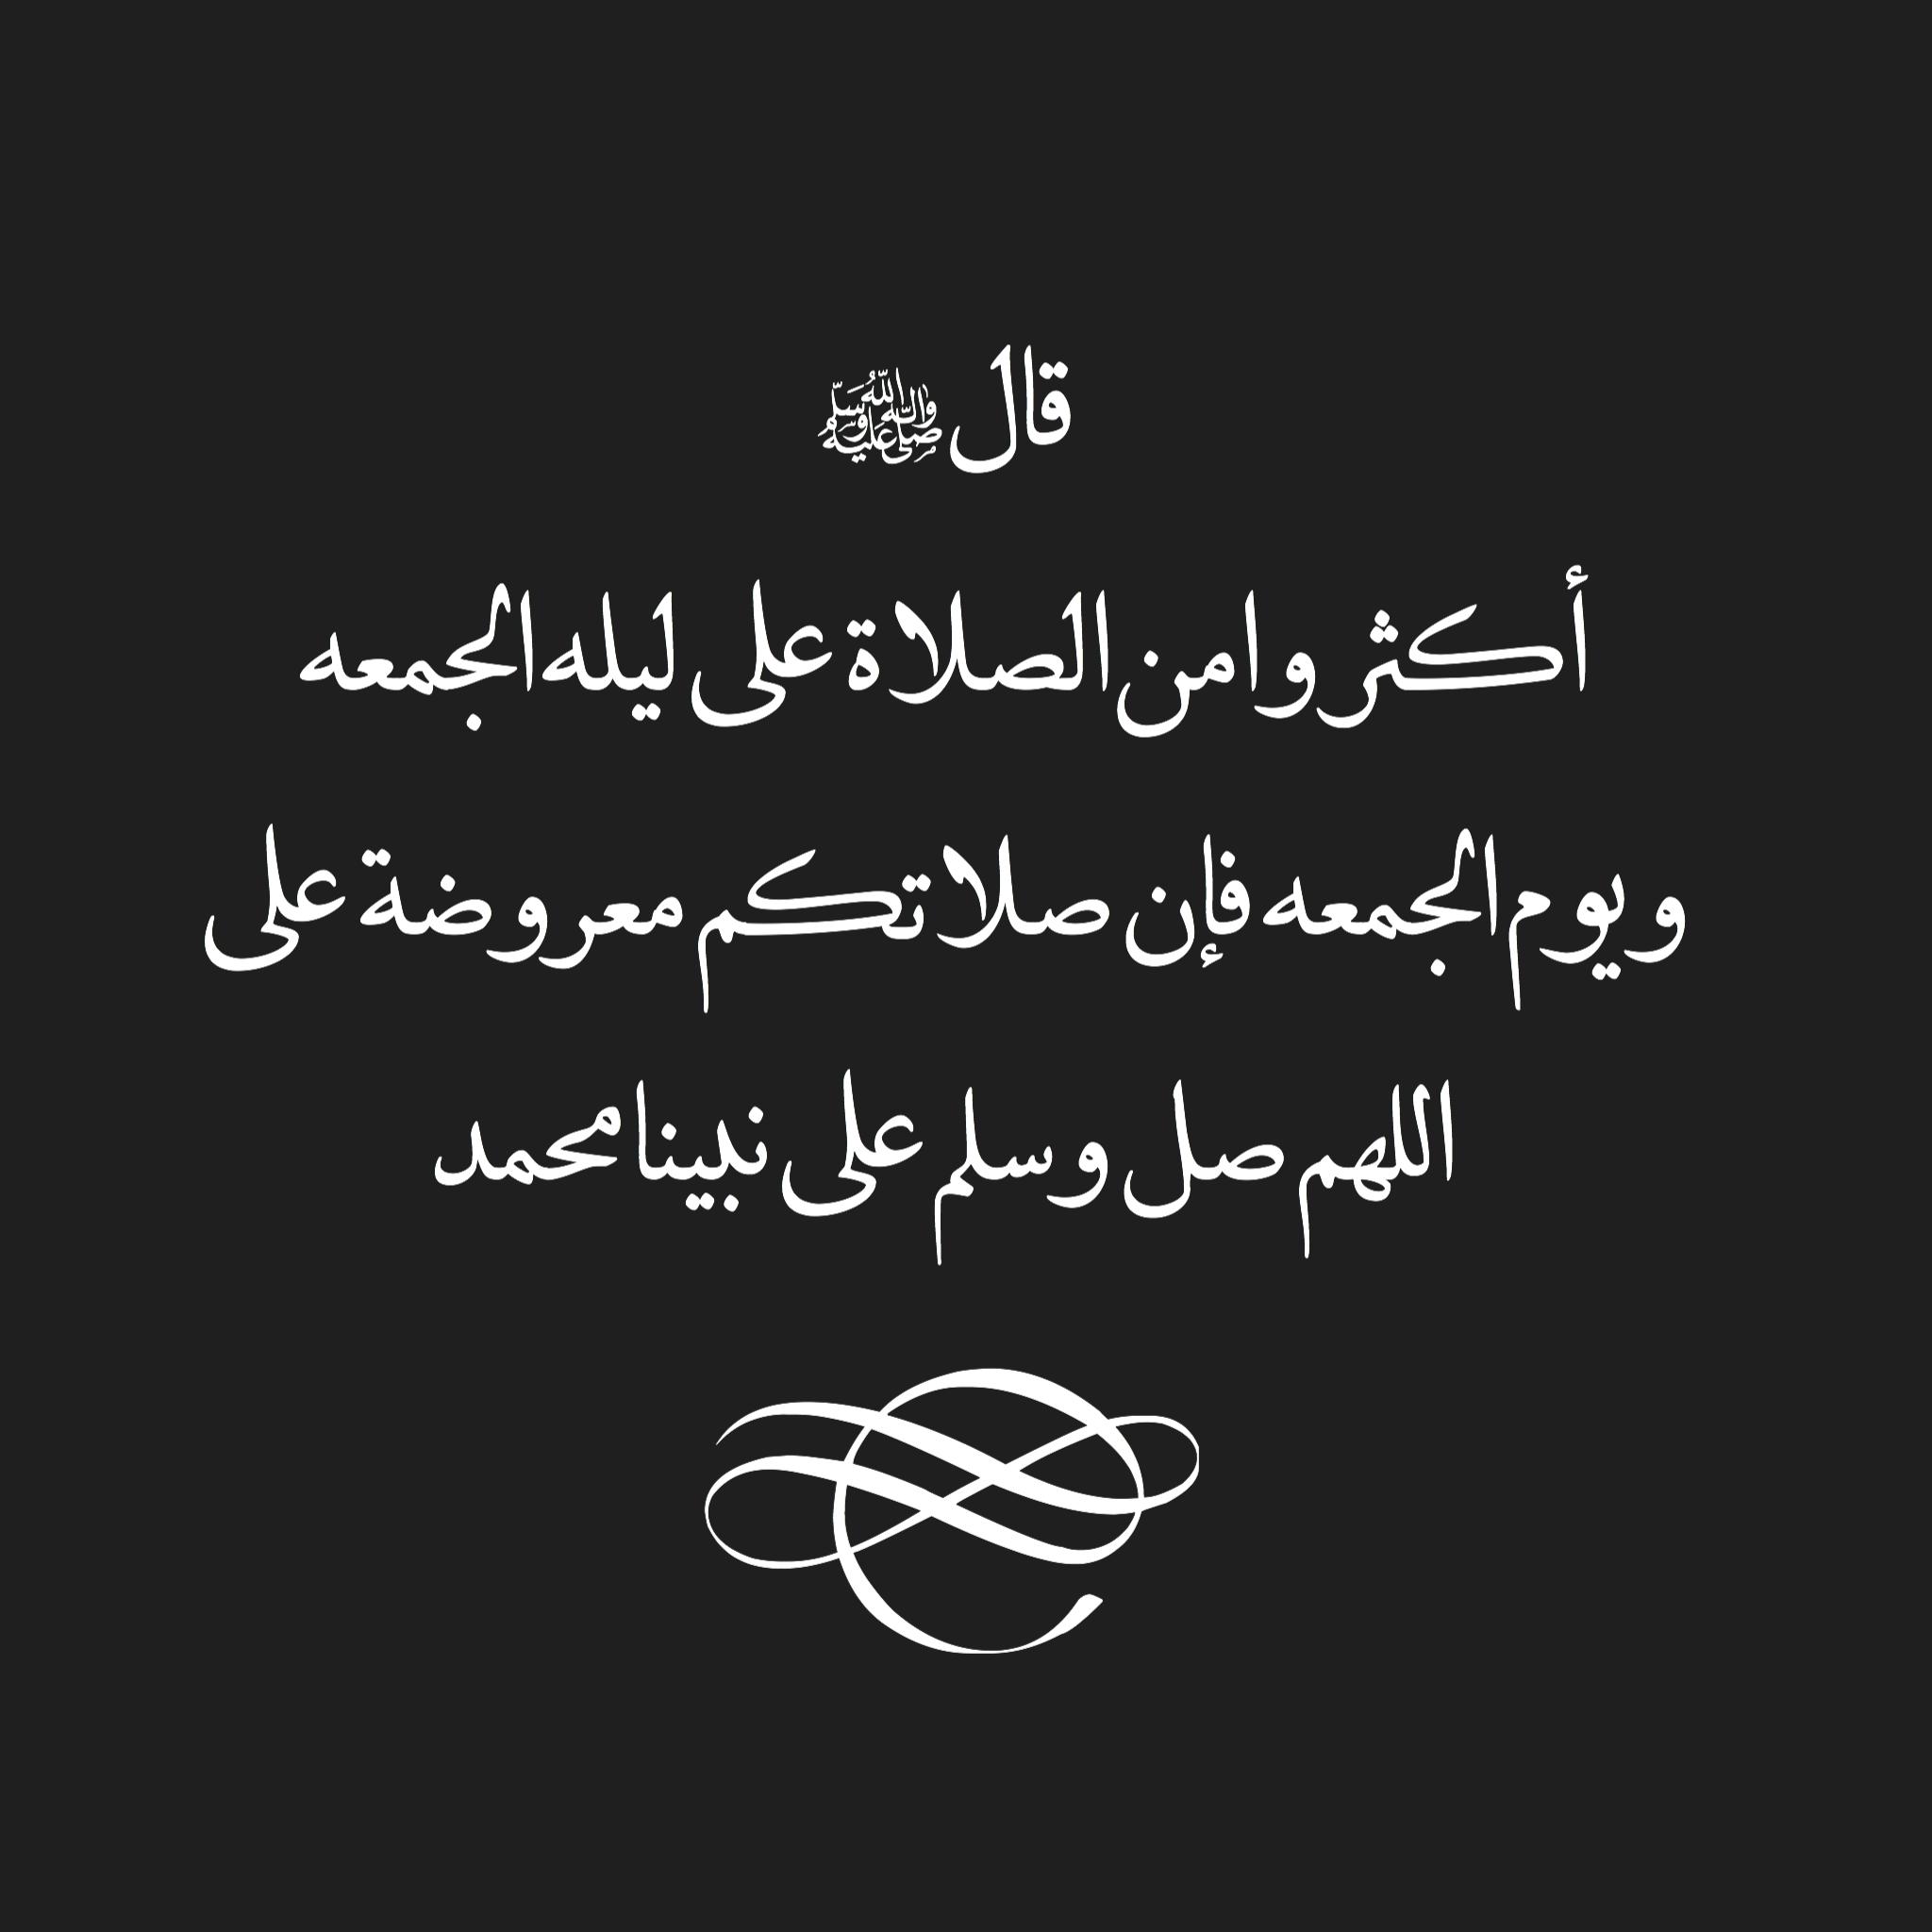 يقول ابن القيم رحمه الله الجمعة يوم عيد وعبادة من ليلة الجمعة إلى مغرب الجمعة كل ثانية فيه Islamic Love Quotes Islamic Quotes Beautiful Quran Quotes